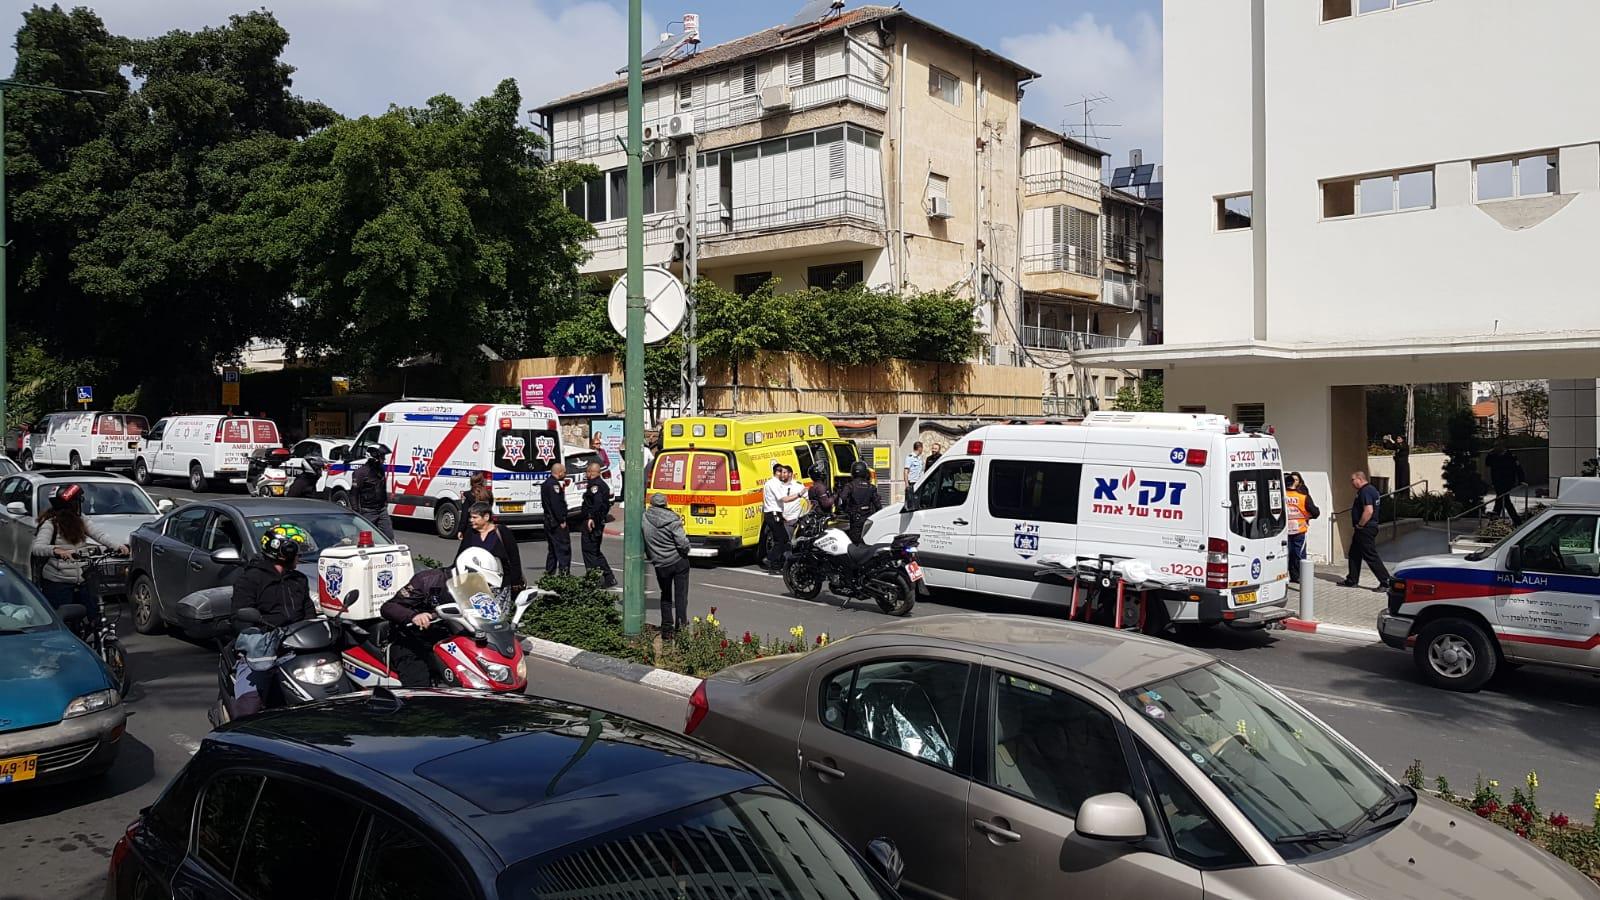 """Photo of צפו: צעיר בן 20 פצוע אנוש ועובר החייאות, לאחר שנורה בחניון ברח' ז'בוטינסקי בר""""ג. נבדק: ניסיון חיסול"""